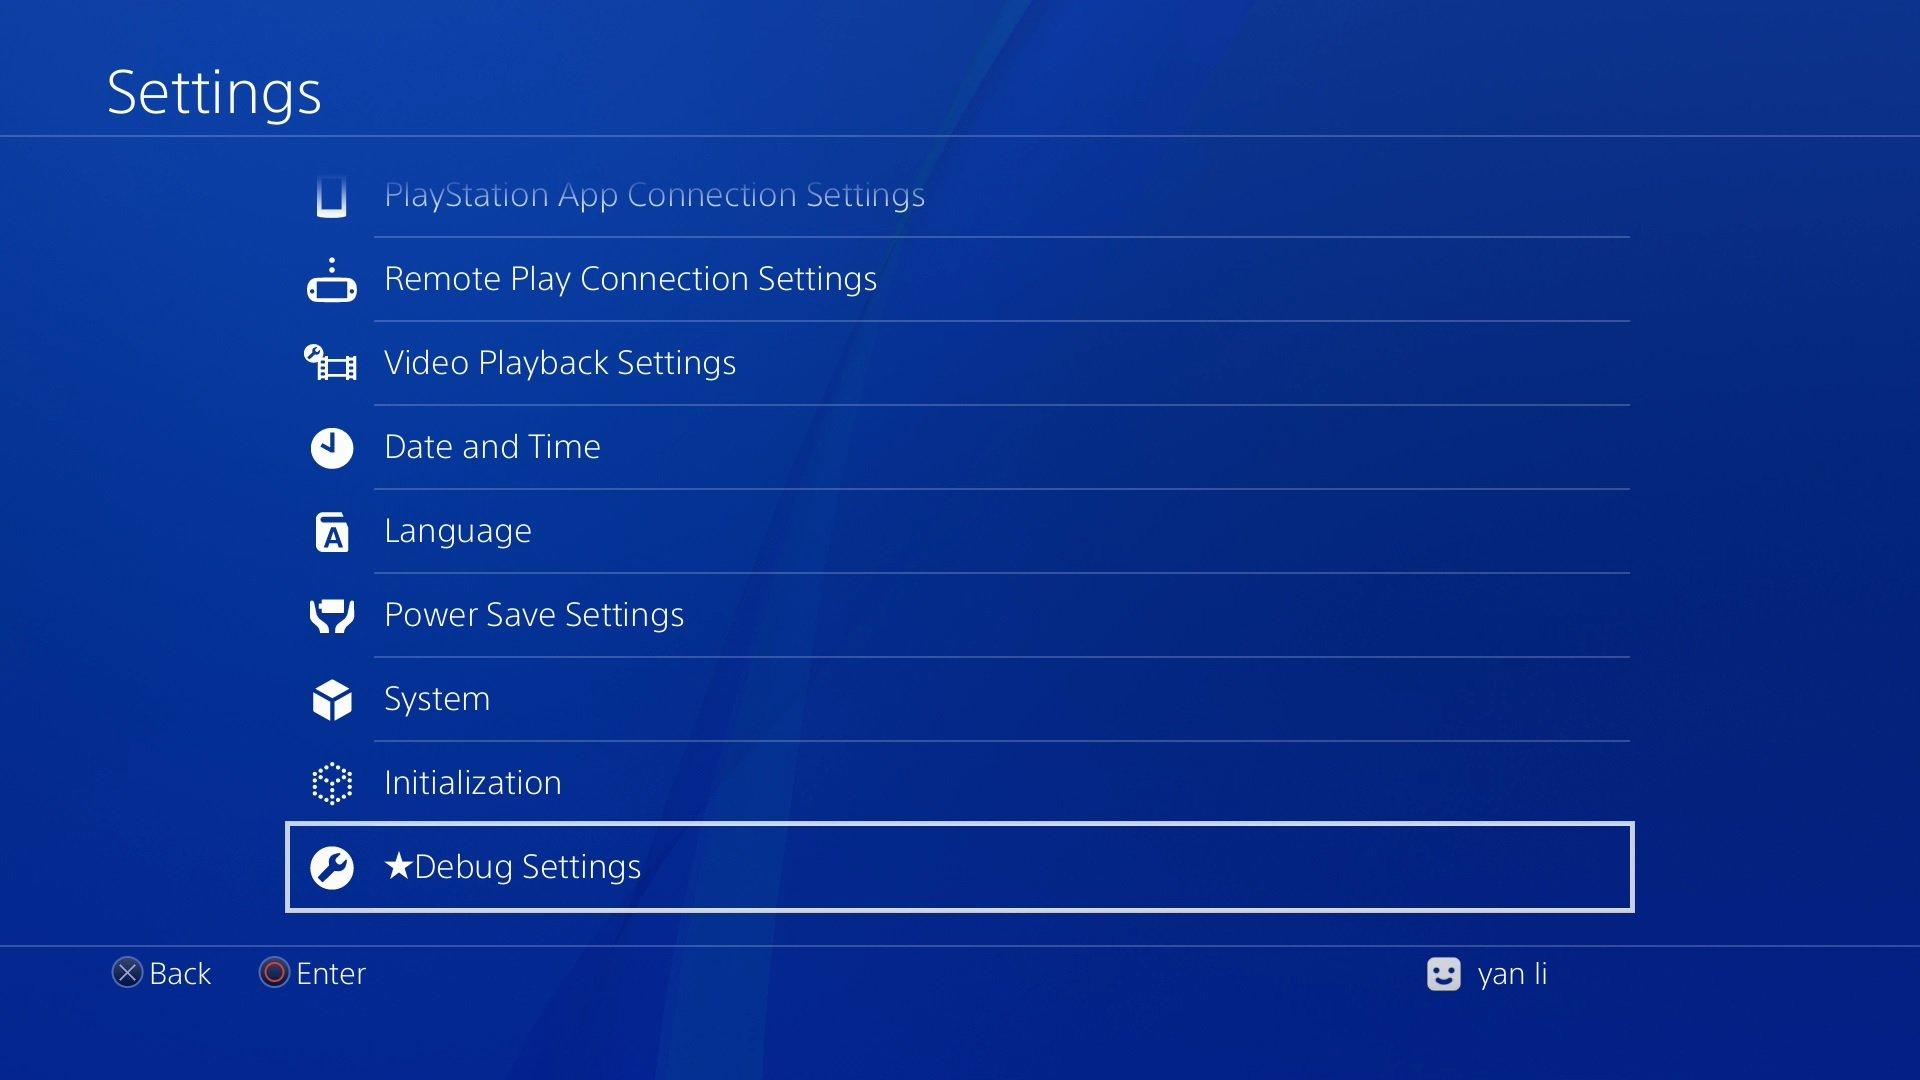 PS4 Debug Settings